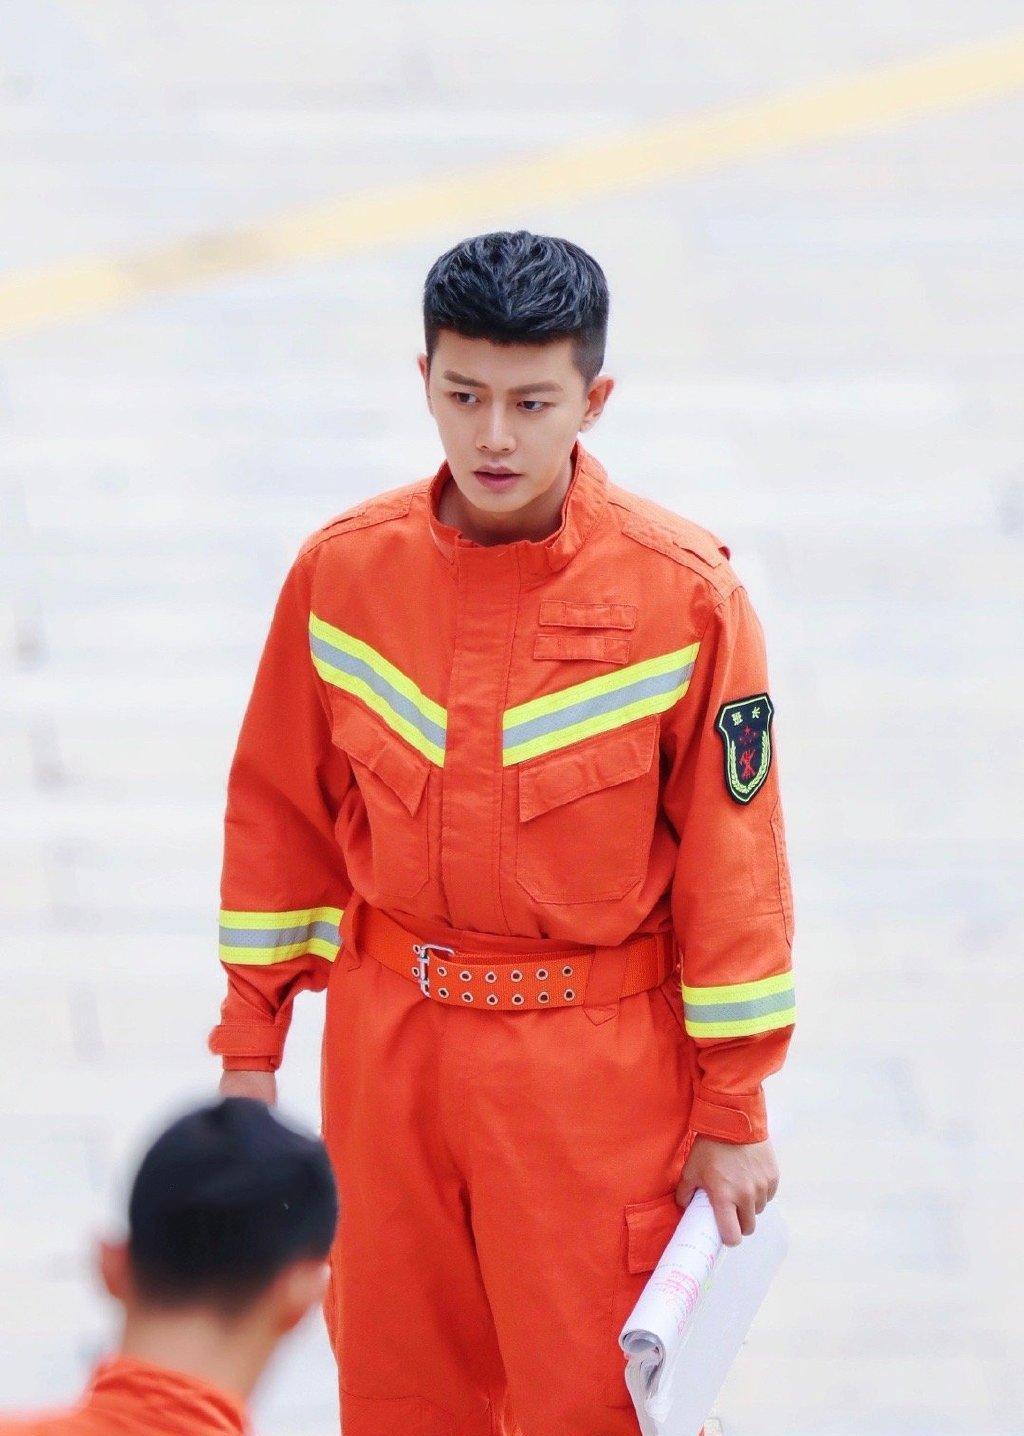 任嘉伦在《蓝焰突击》里的消防服造型真的是帅气逼人呢!